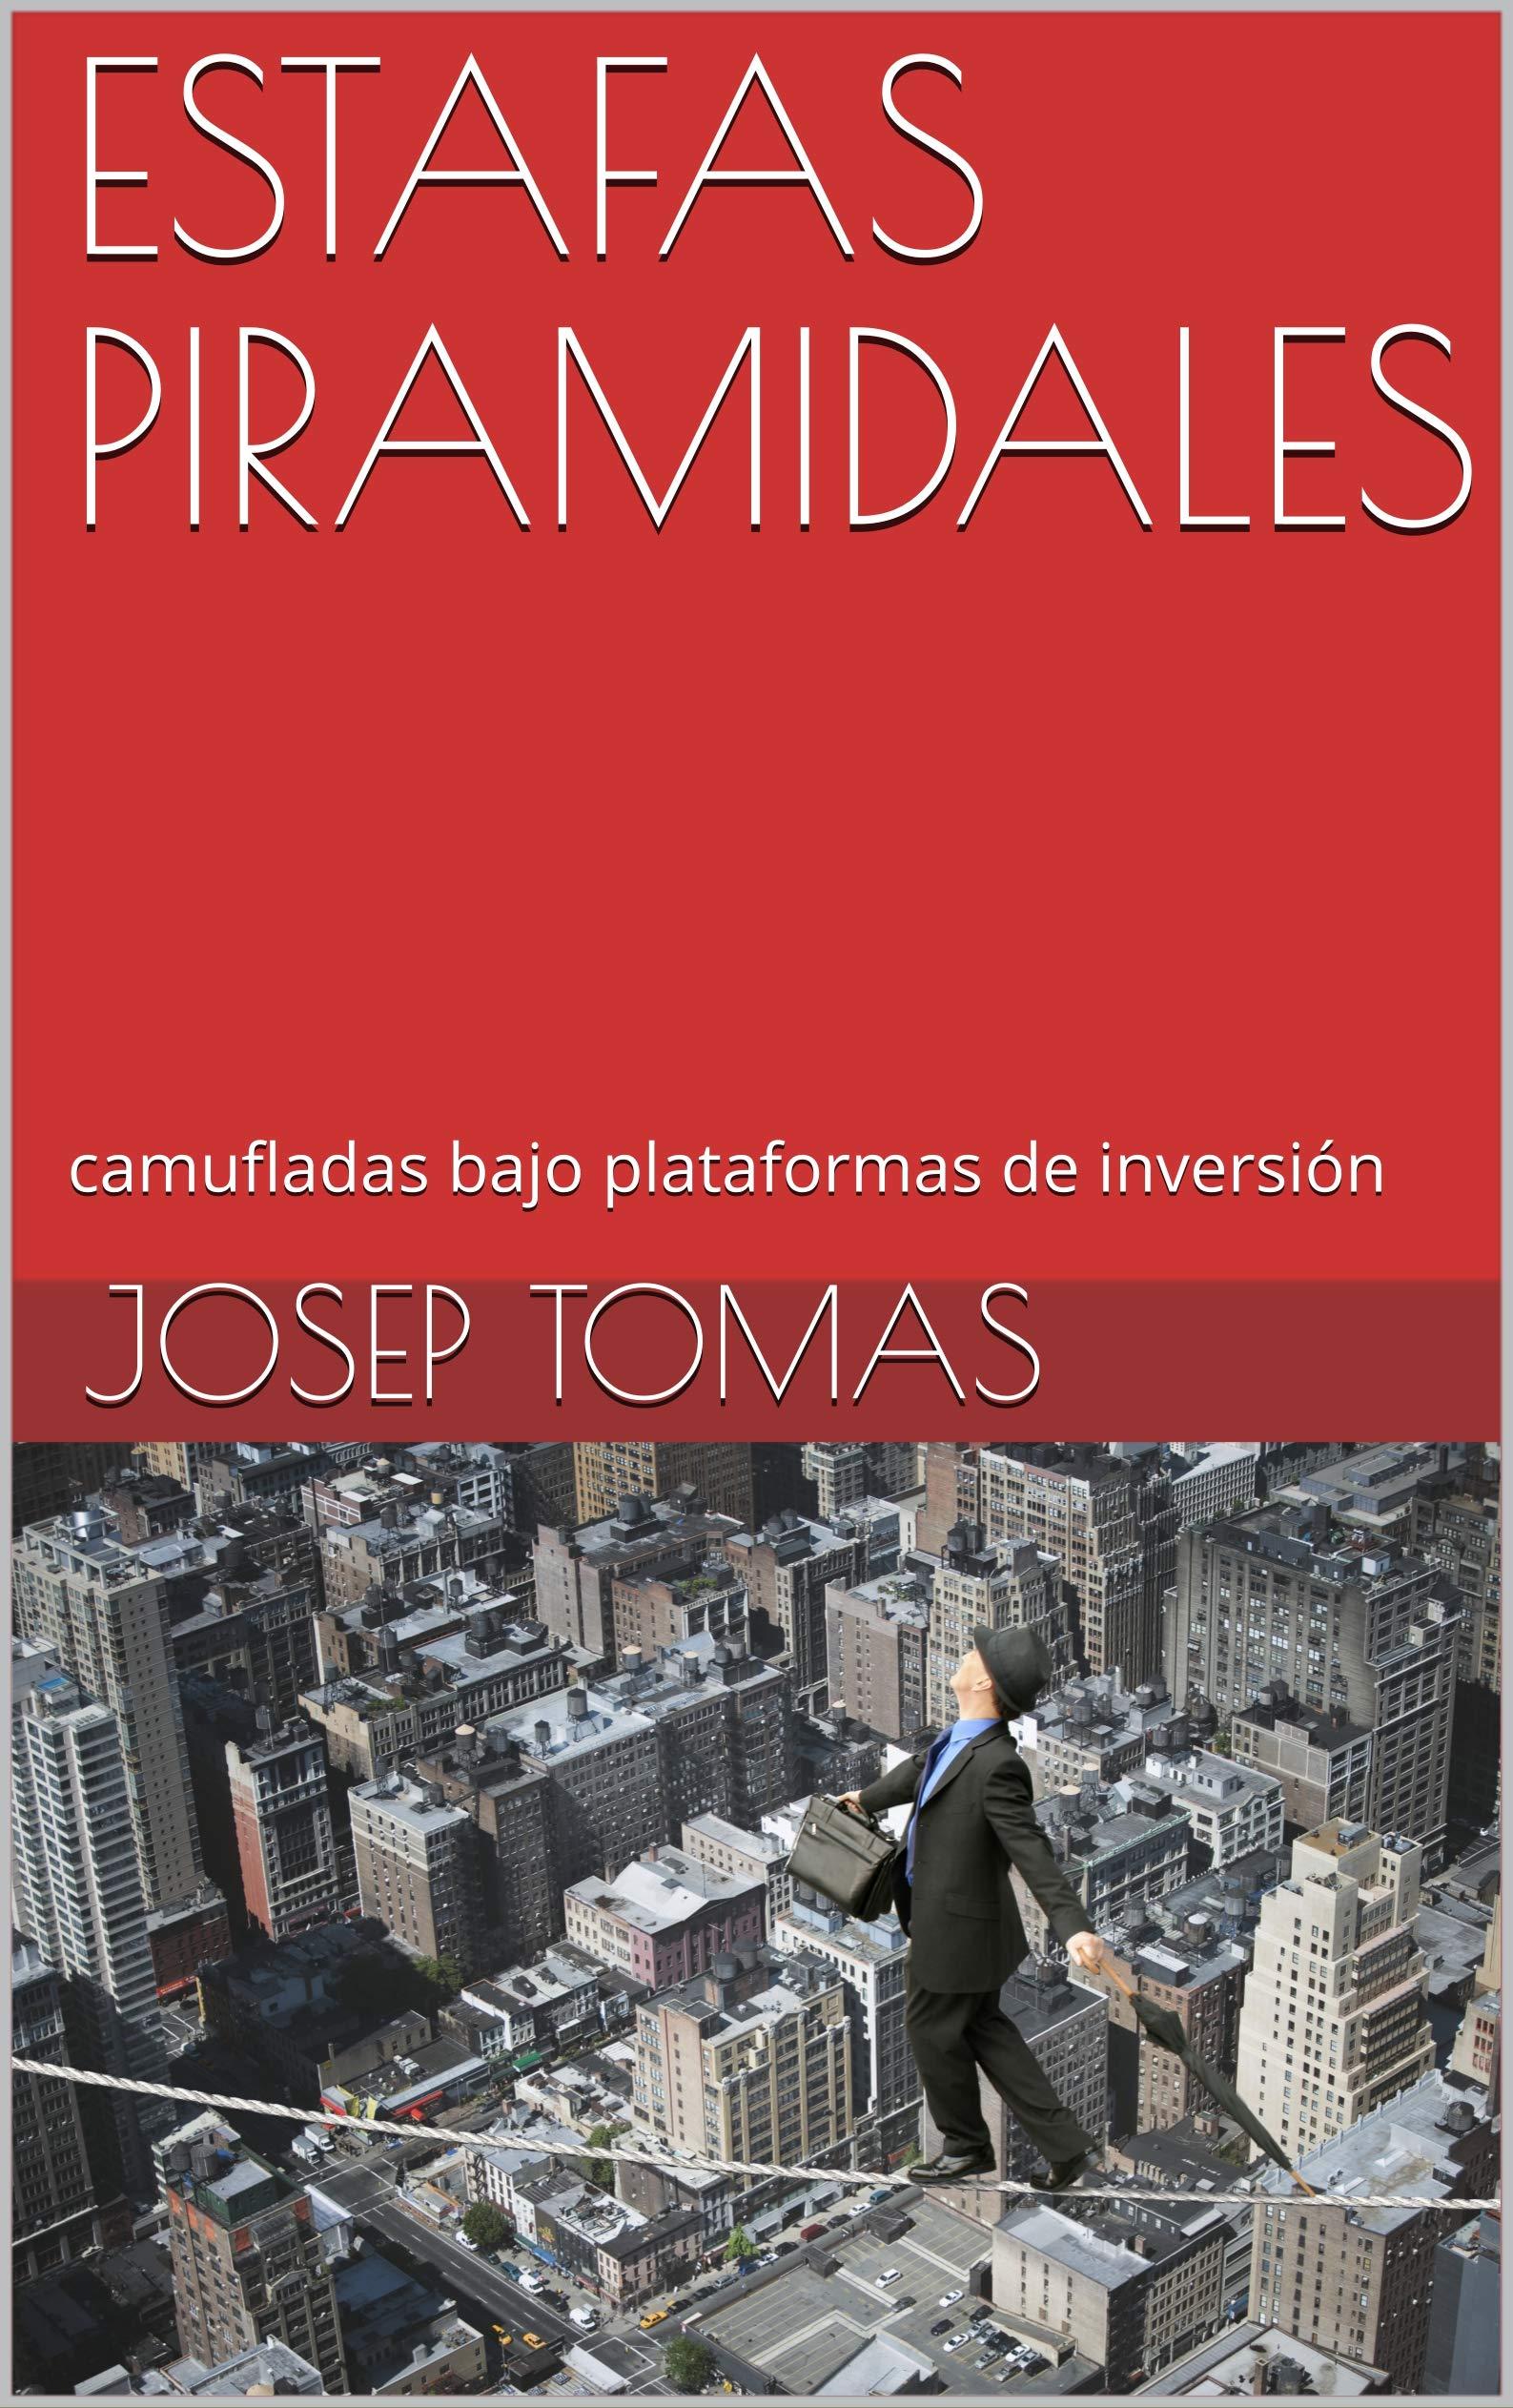 ESTAFAS PIRAMIDALES: camufladas bajo plataformas de inversión (Spanish Edition)